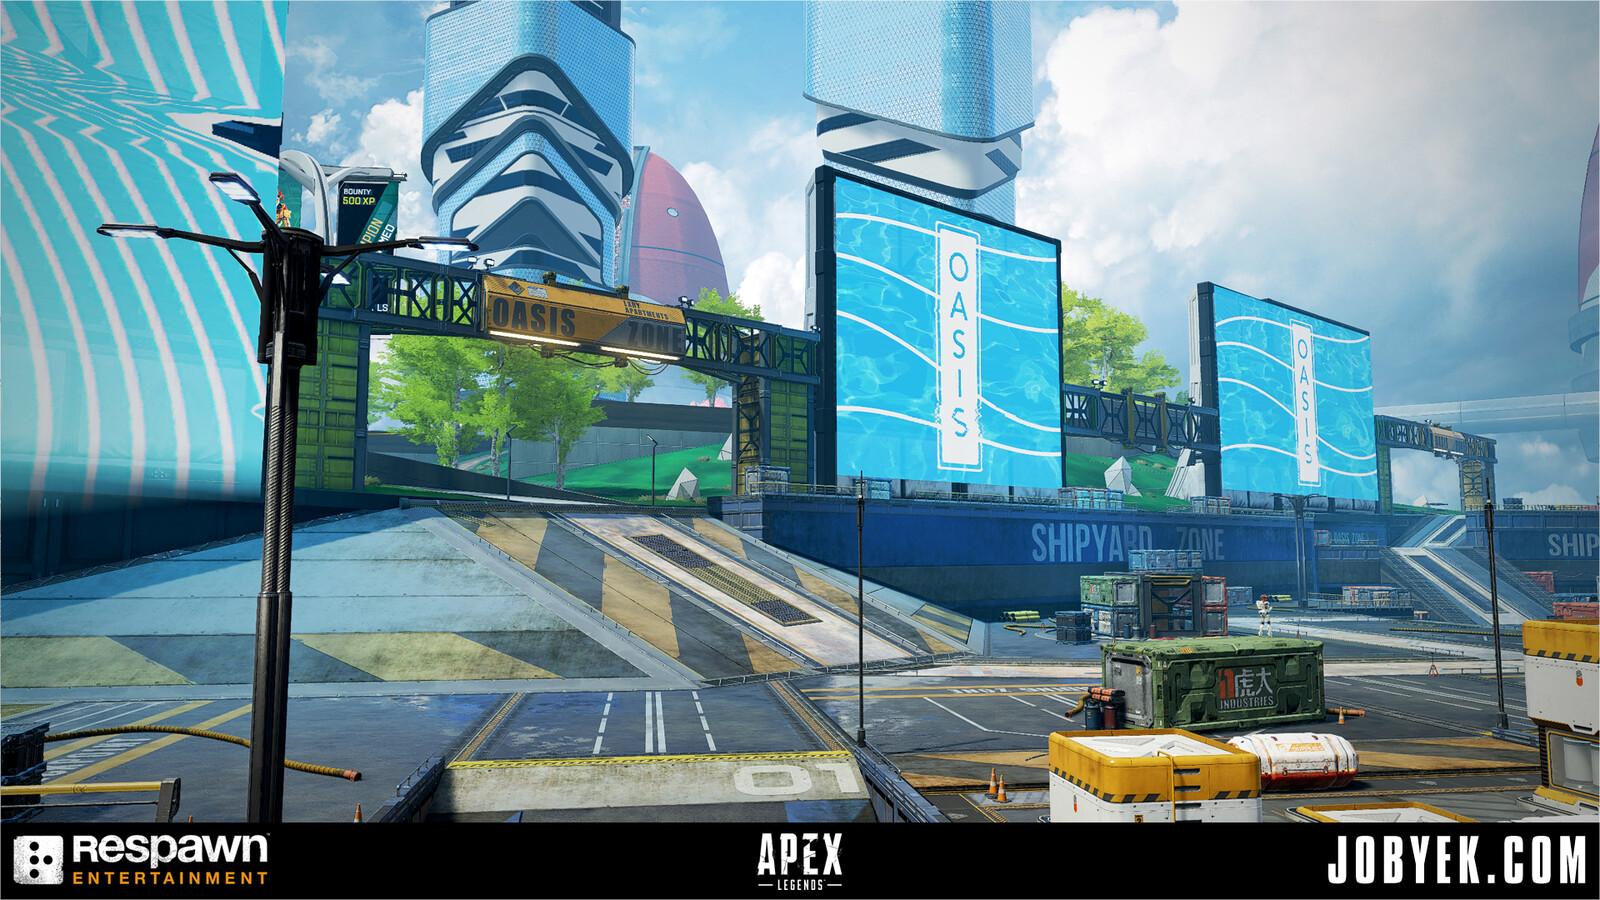 Shipyard area